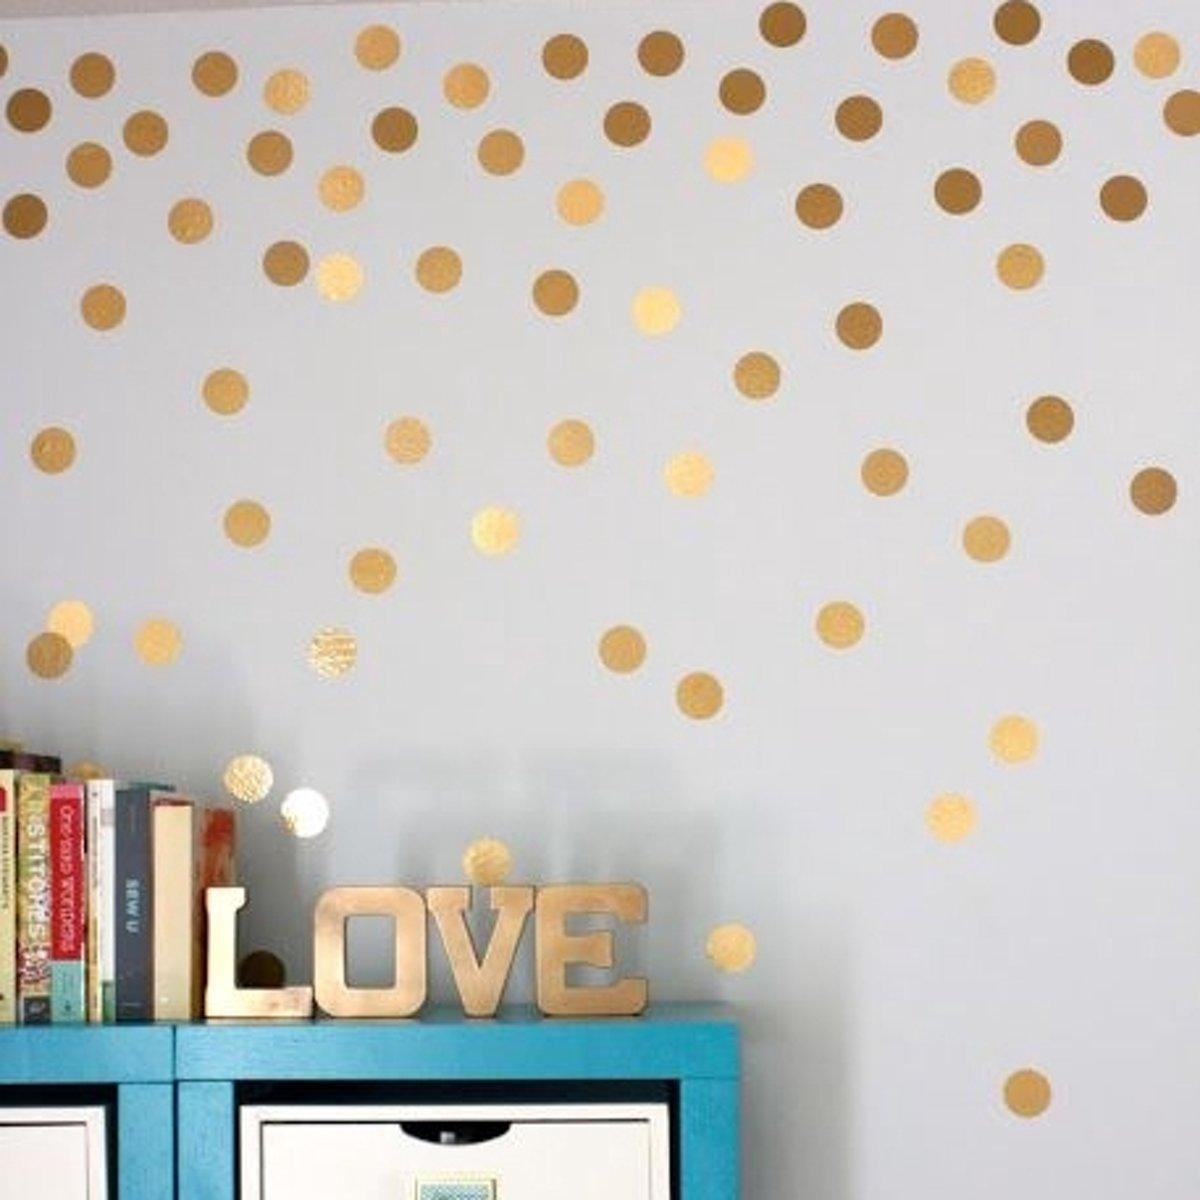 Muurdecoratie Hout Kinderkamer.Top Honderd Gold Dots Wanddecoratie Muurstickers Rondjes